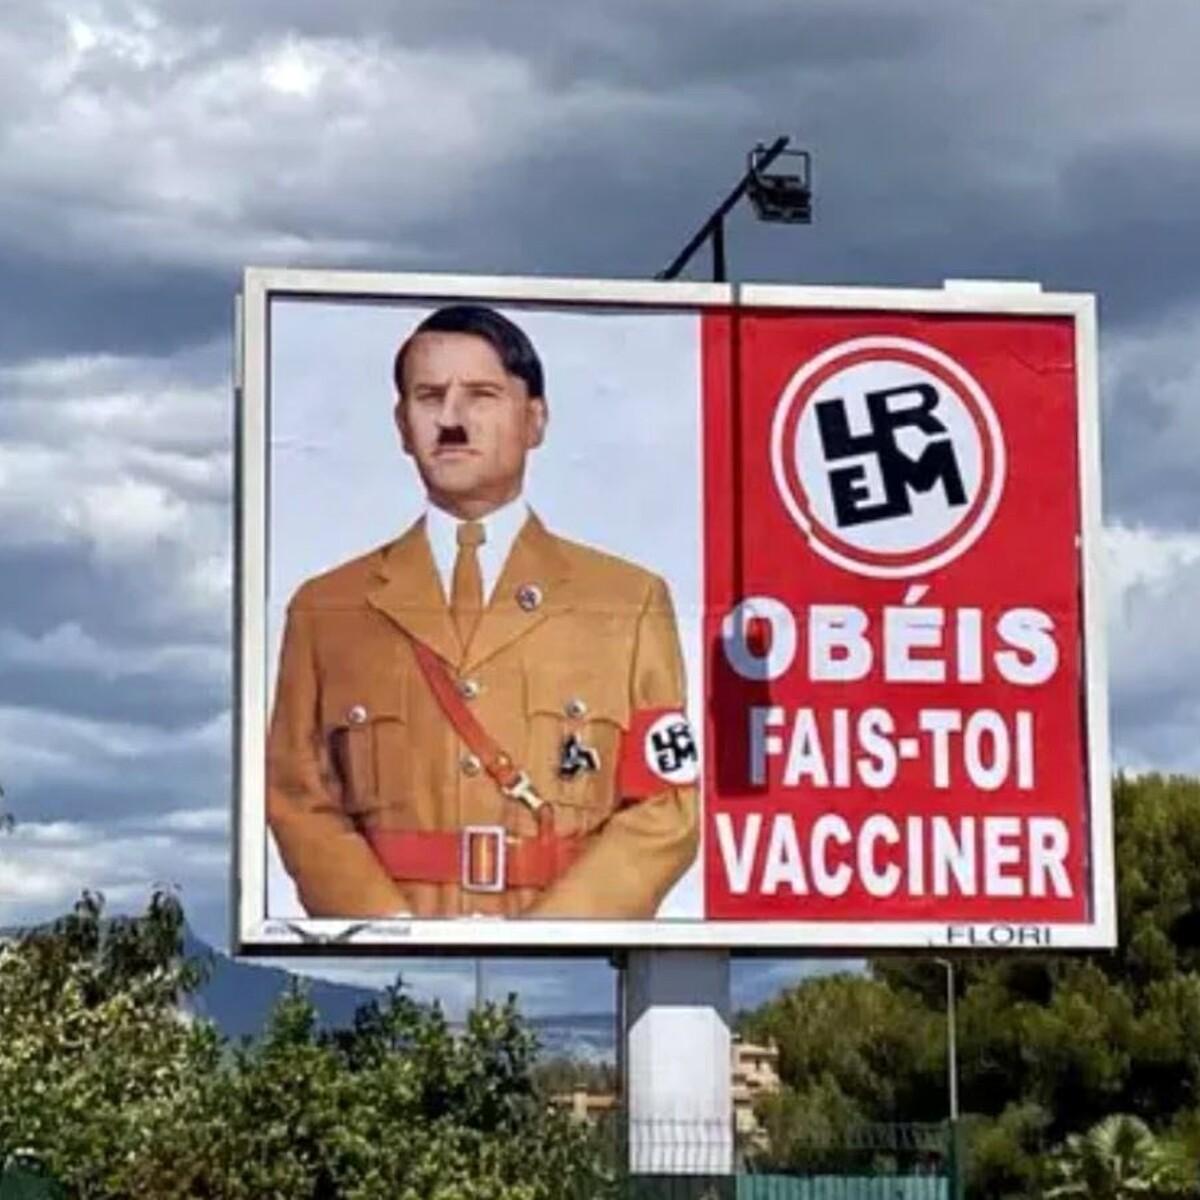 Macron come Hitler sul cartellone, e il presidente fa causa al No-Vax